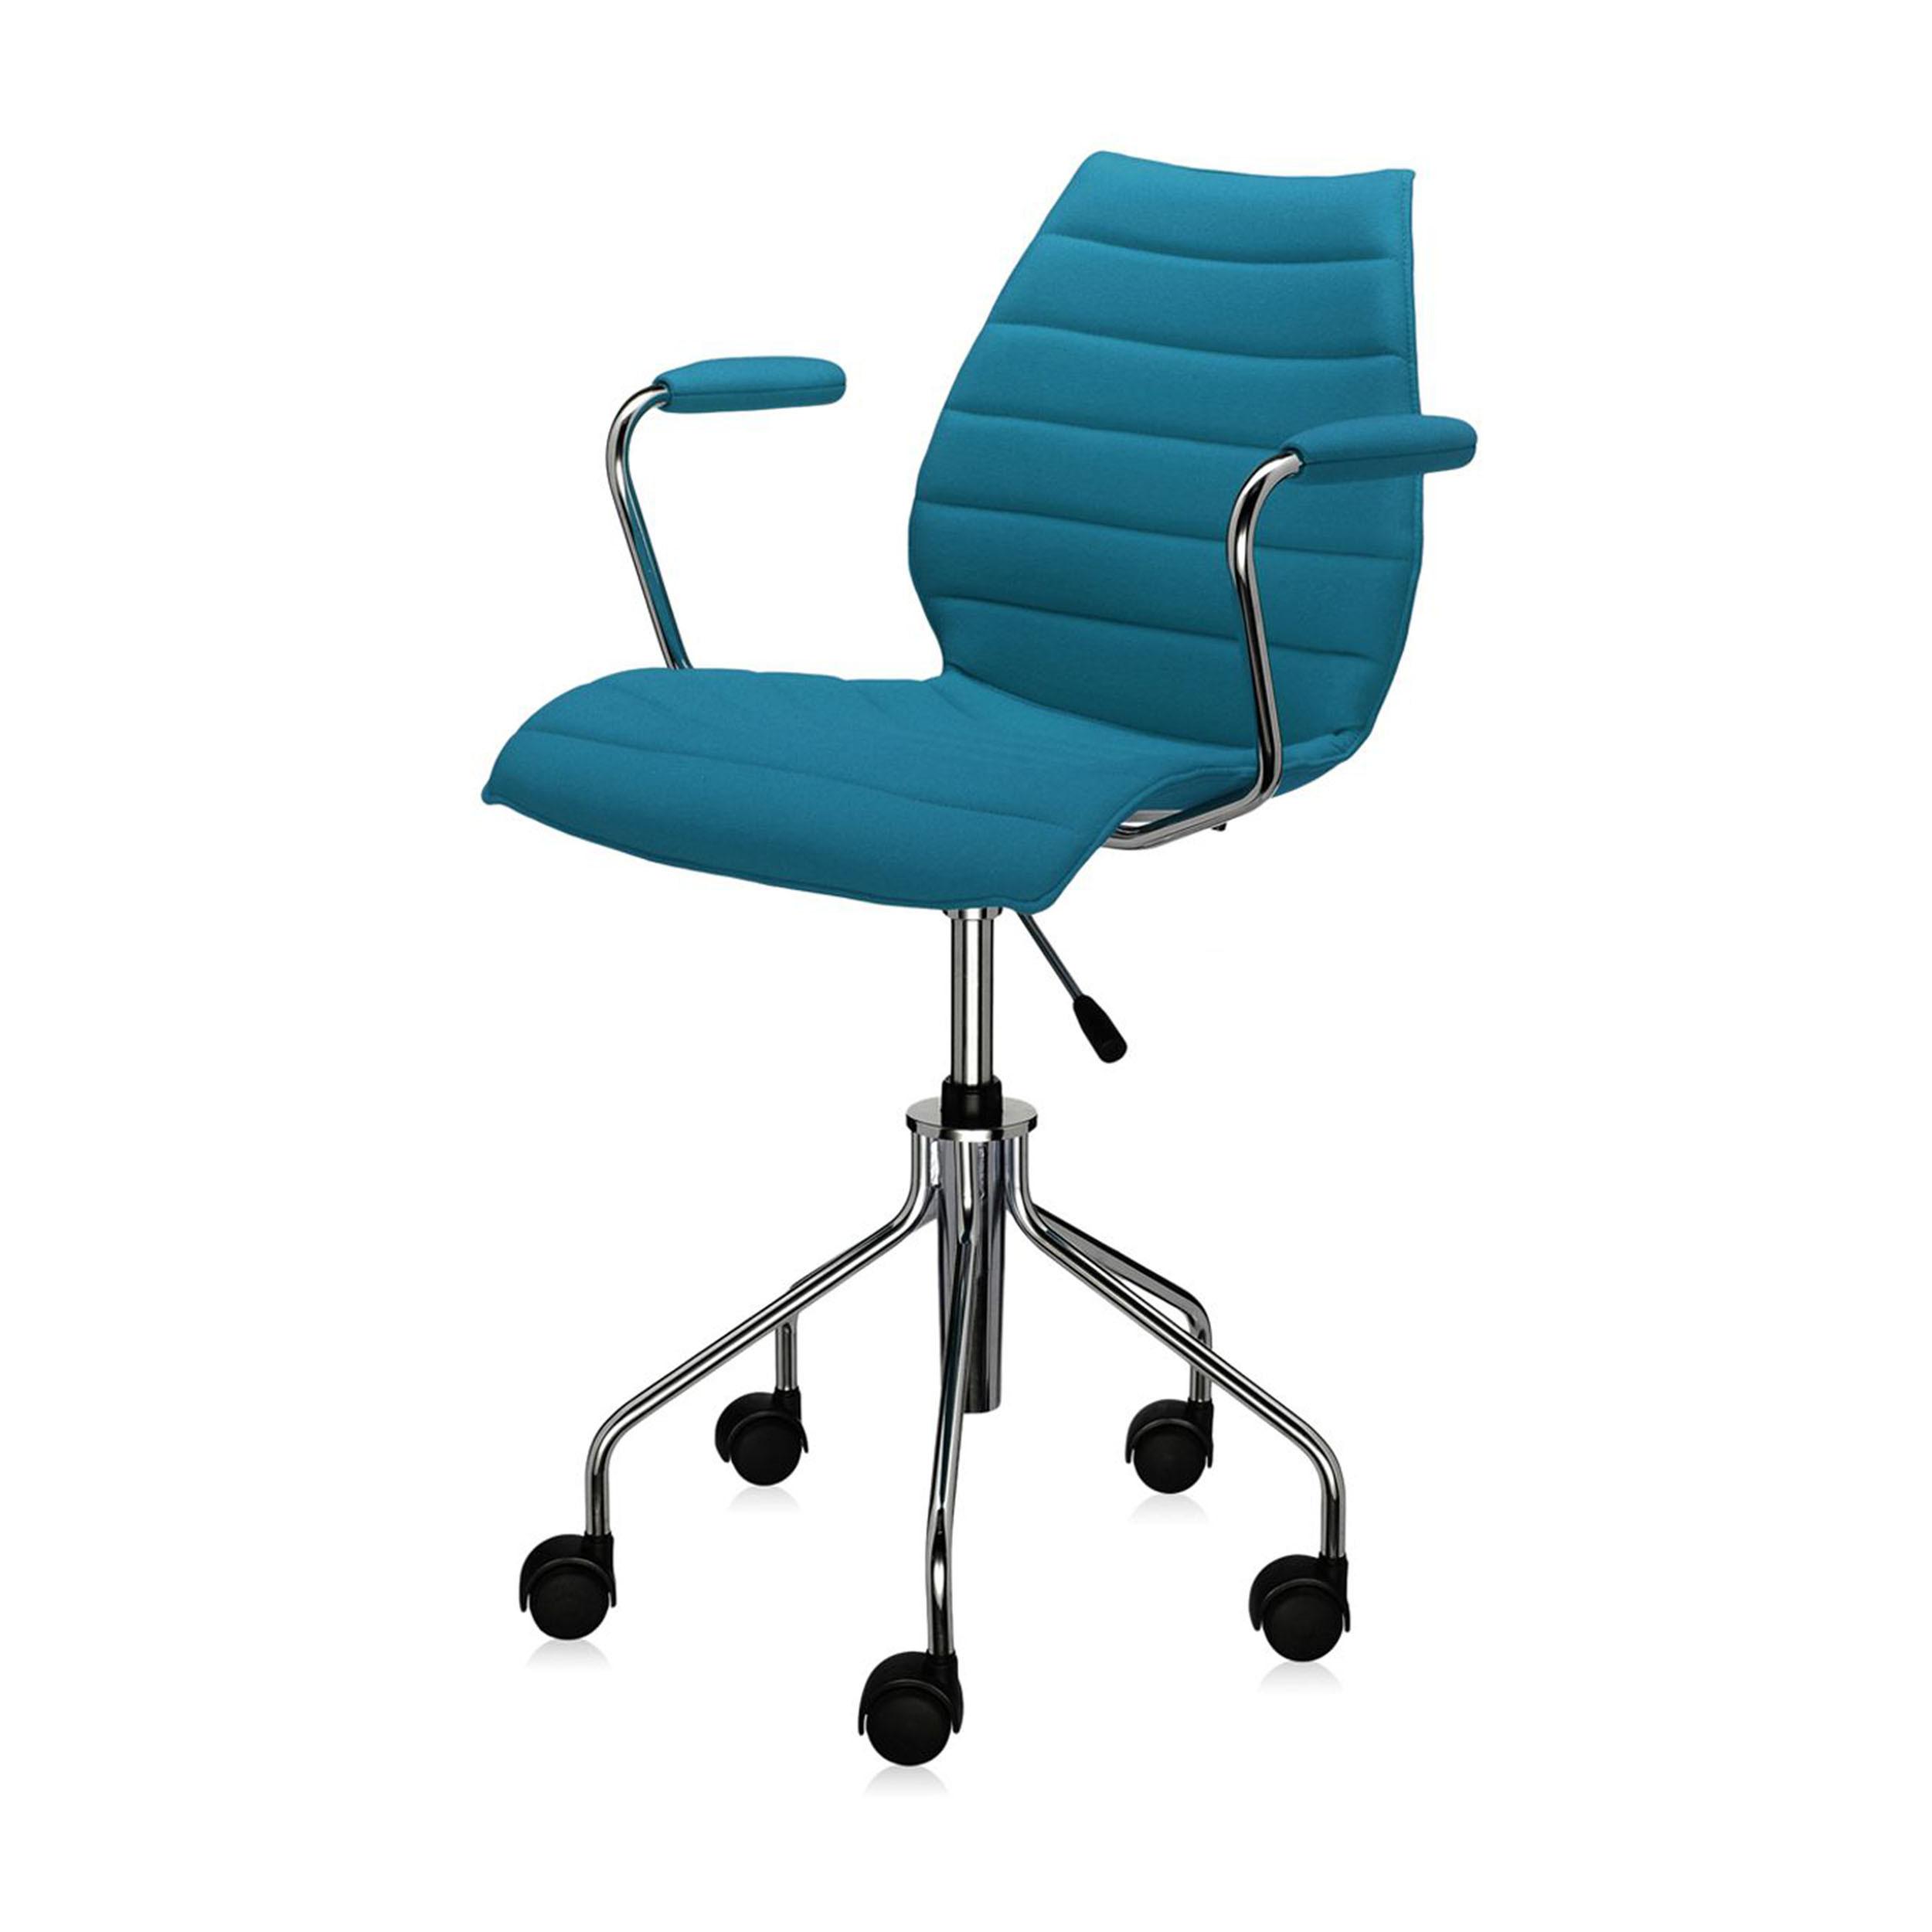 maui soft drehstuhl mit armlehnen und gasfeder petrol online kaufen bei woonio. Black Bedroom Furniture Sets. Home Design Ideas